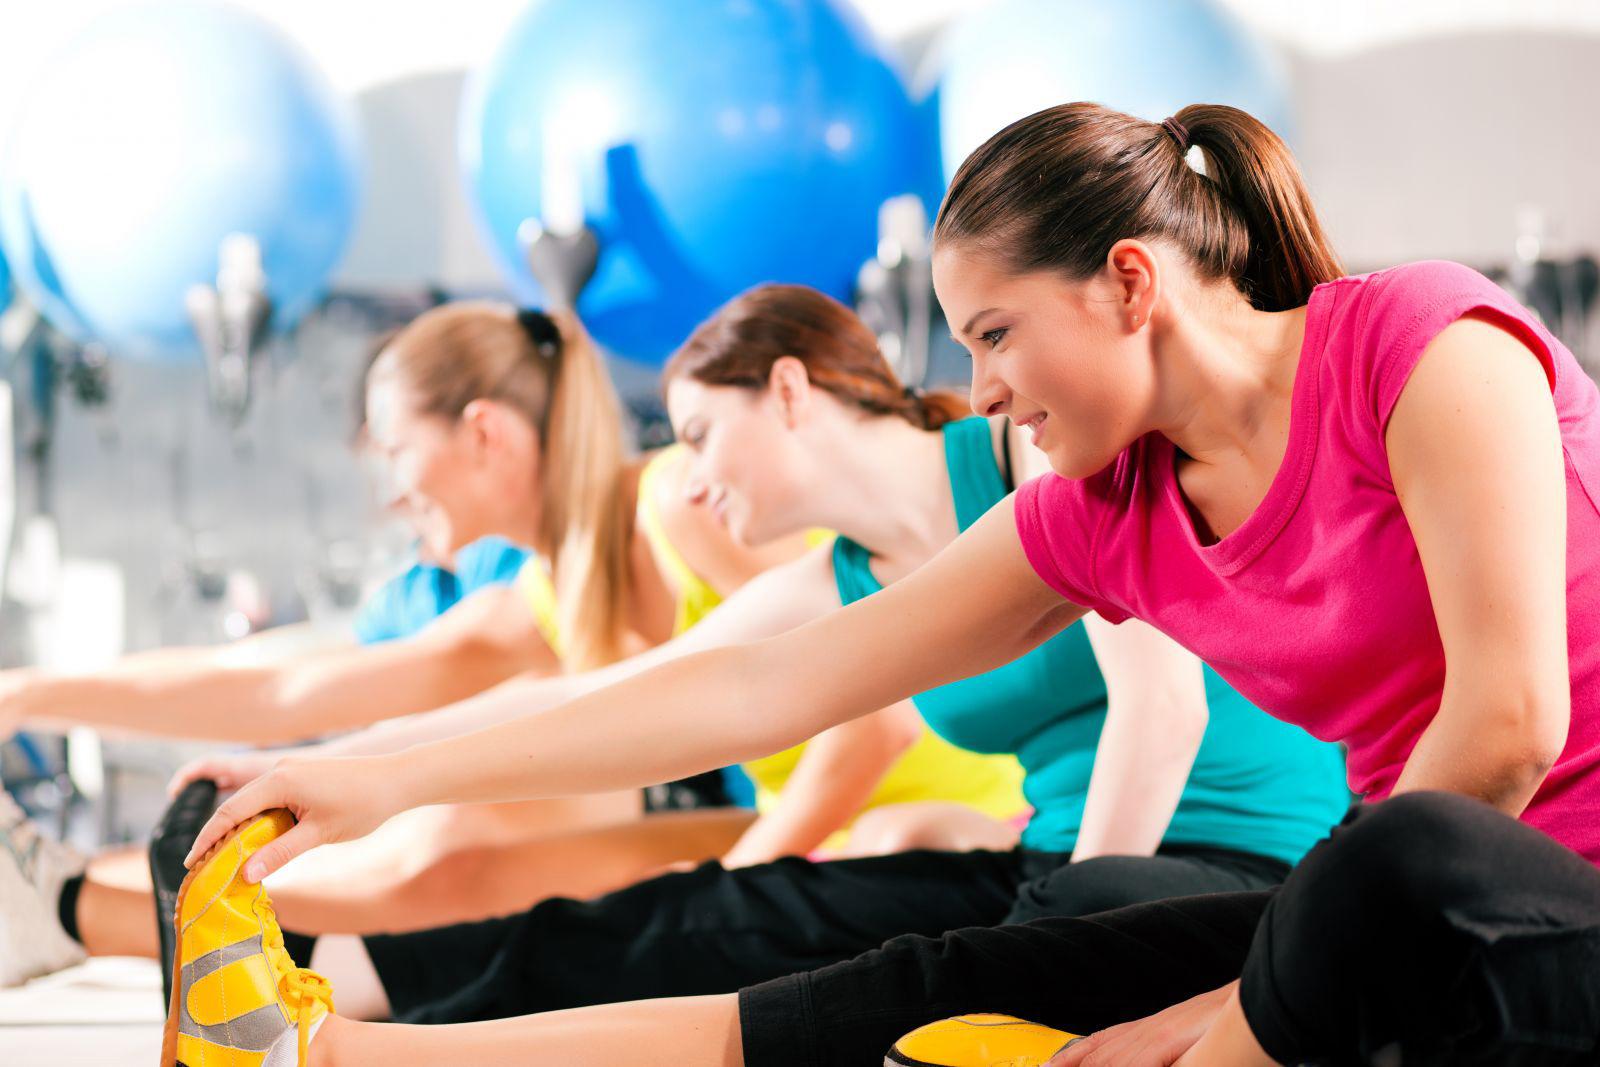 Можно ли заниматься спортом при простуде: лучшие и худшие варианты